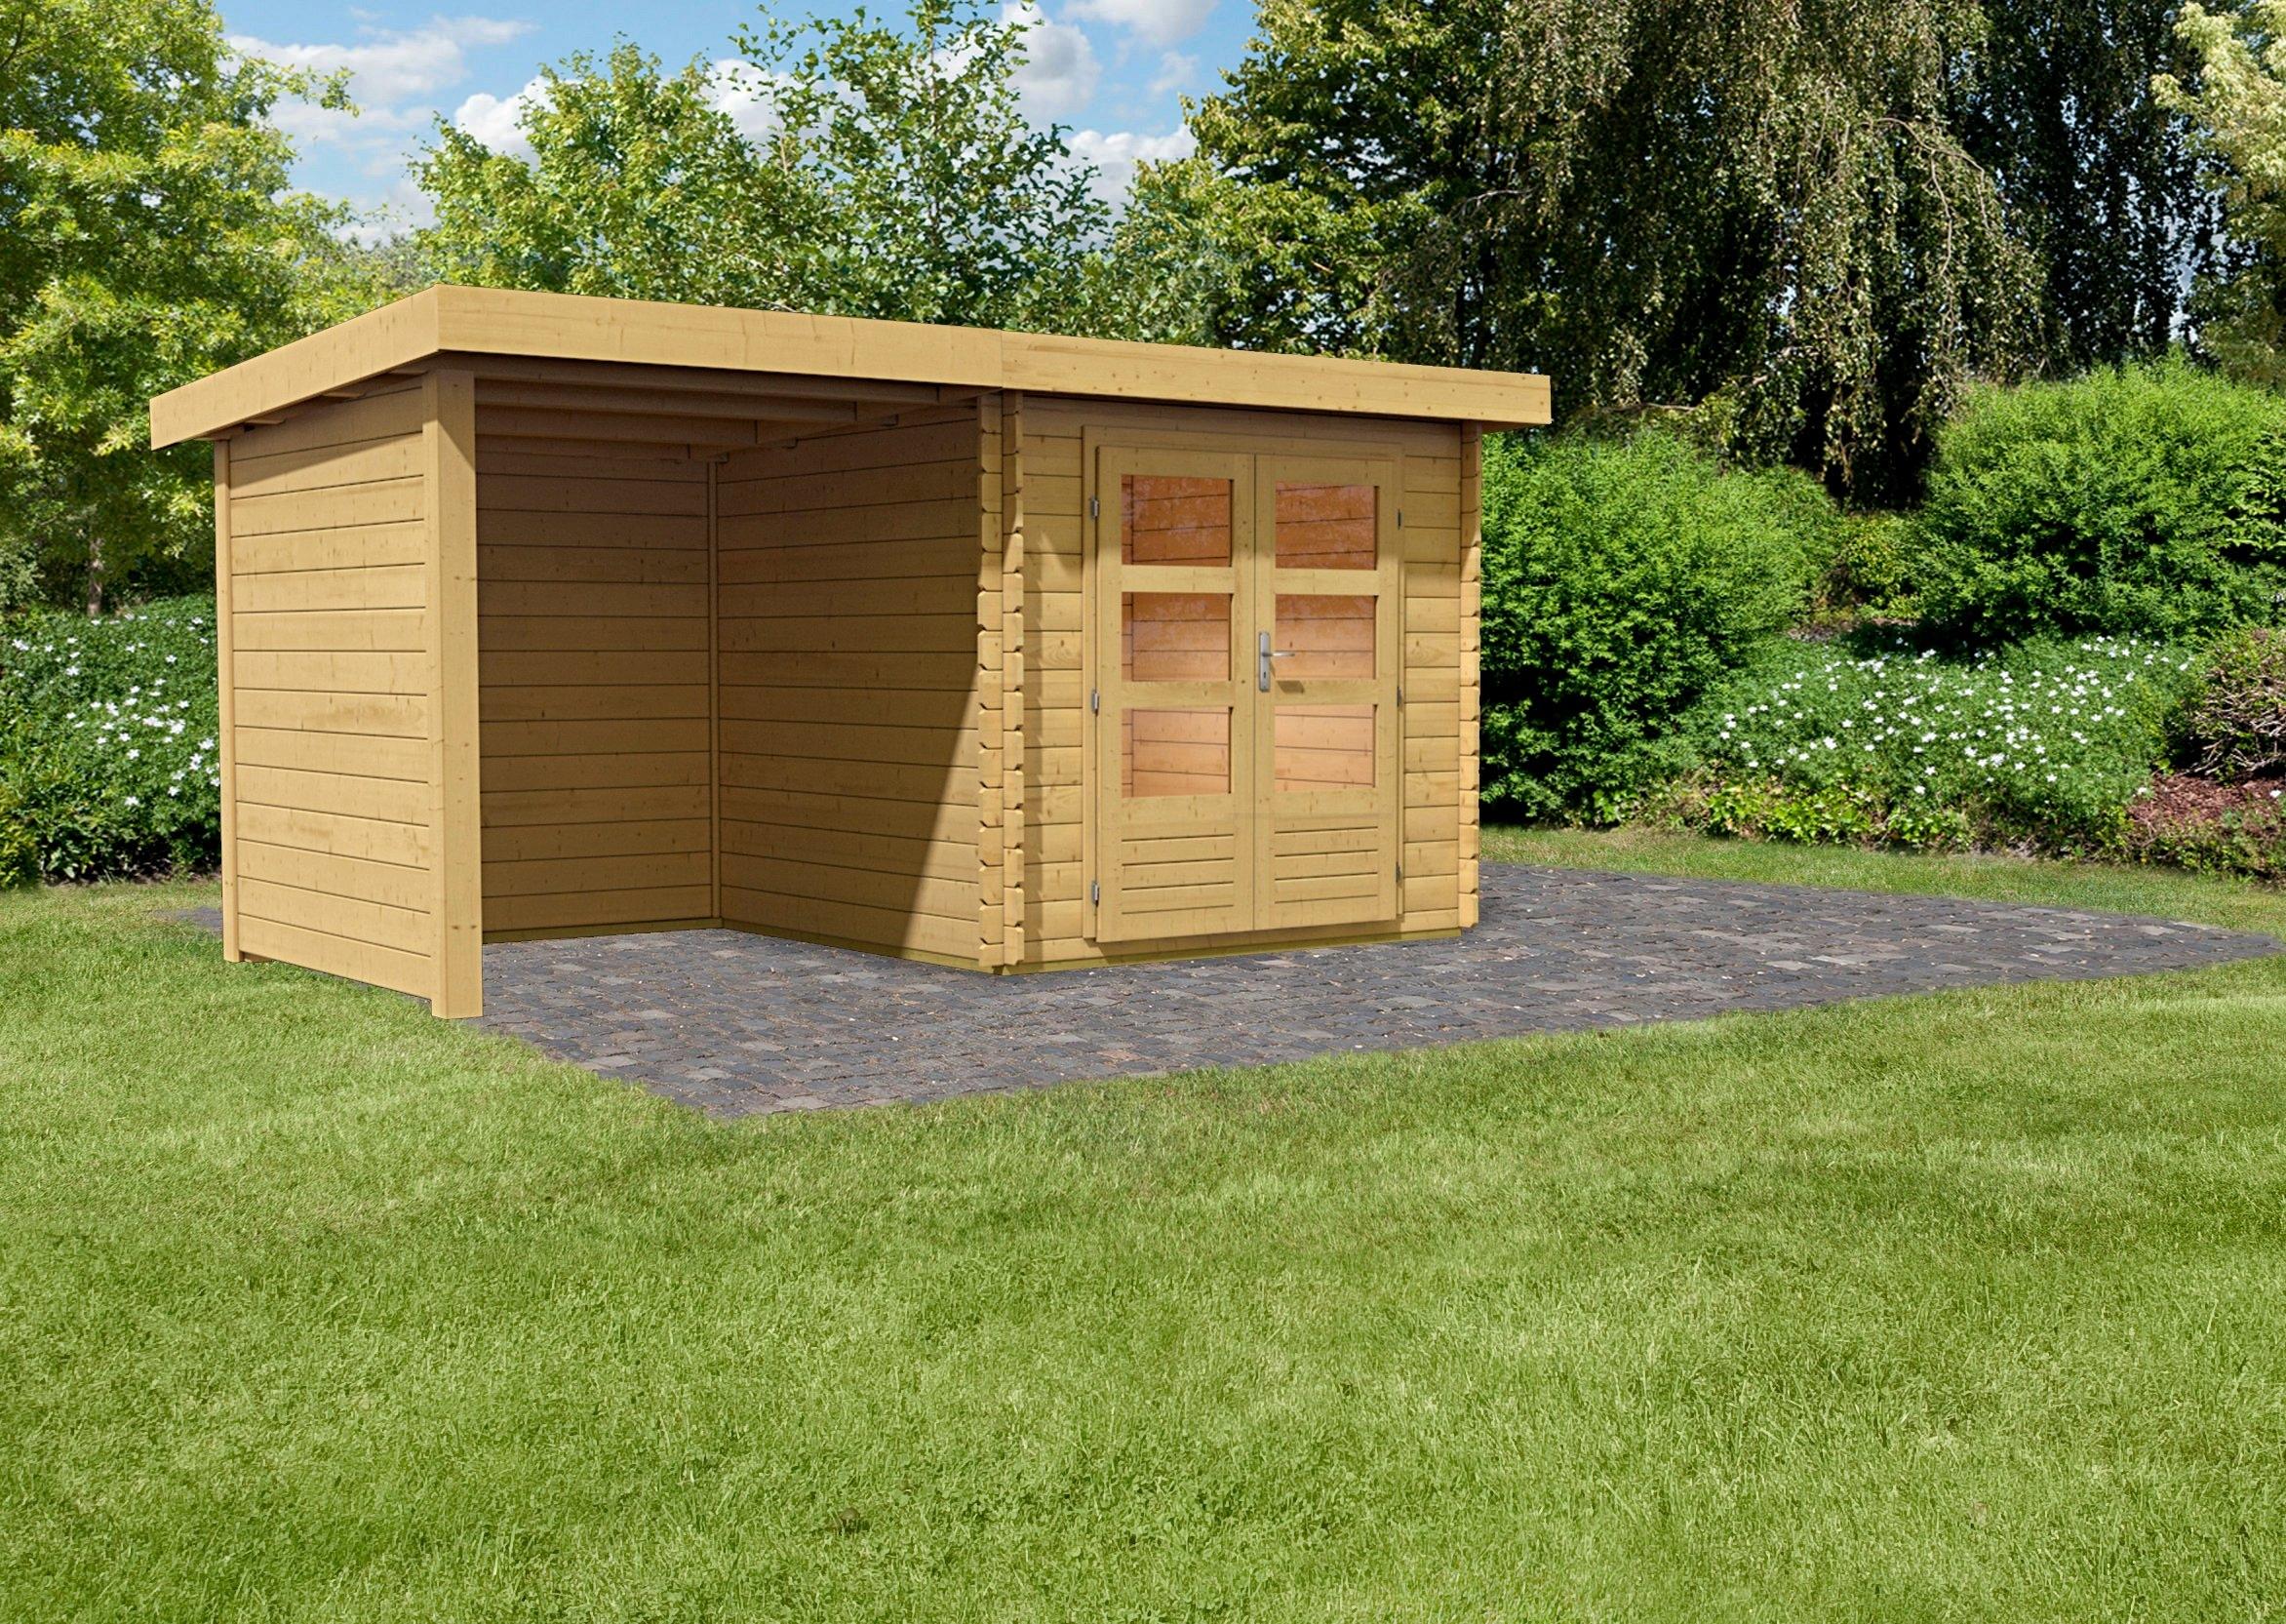 Konifera complete set tuinhuisje ringk bing 2 met for Gartenhaus mit zwei raumen